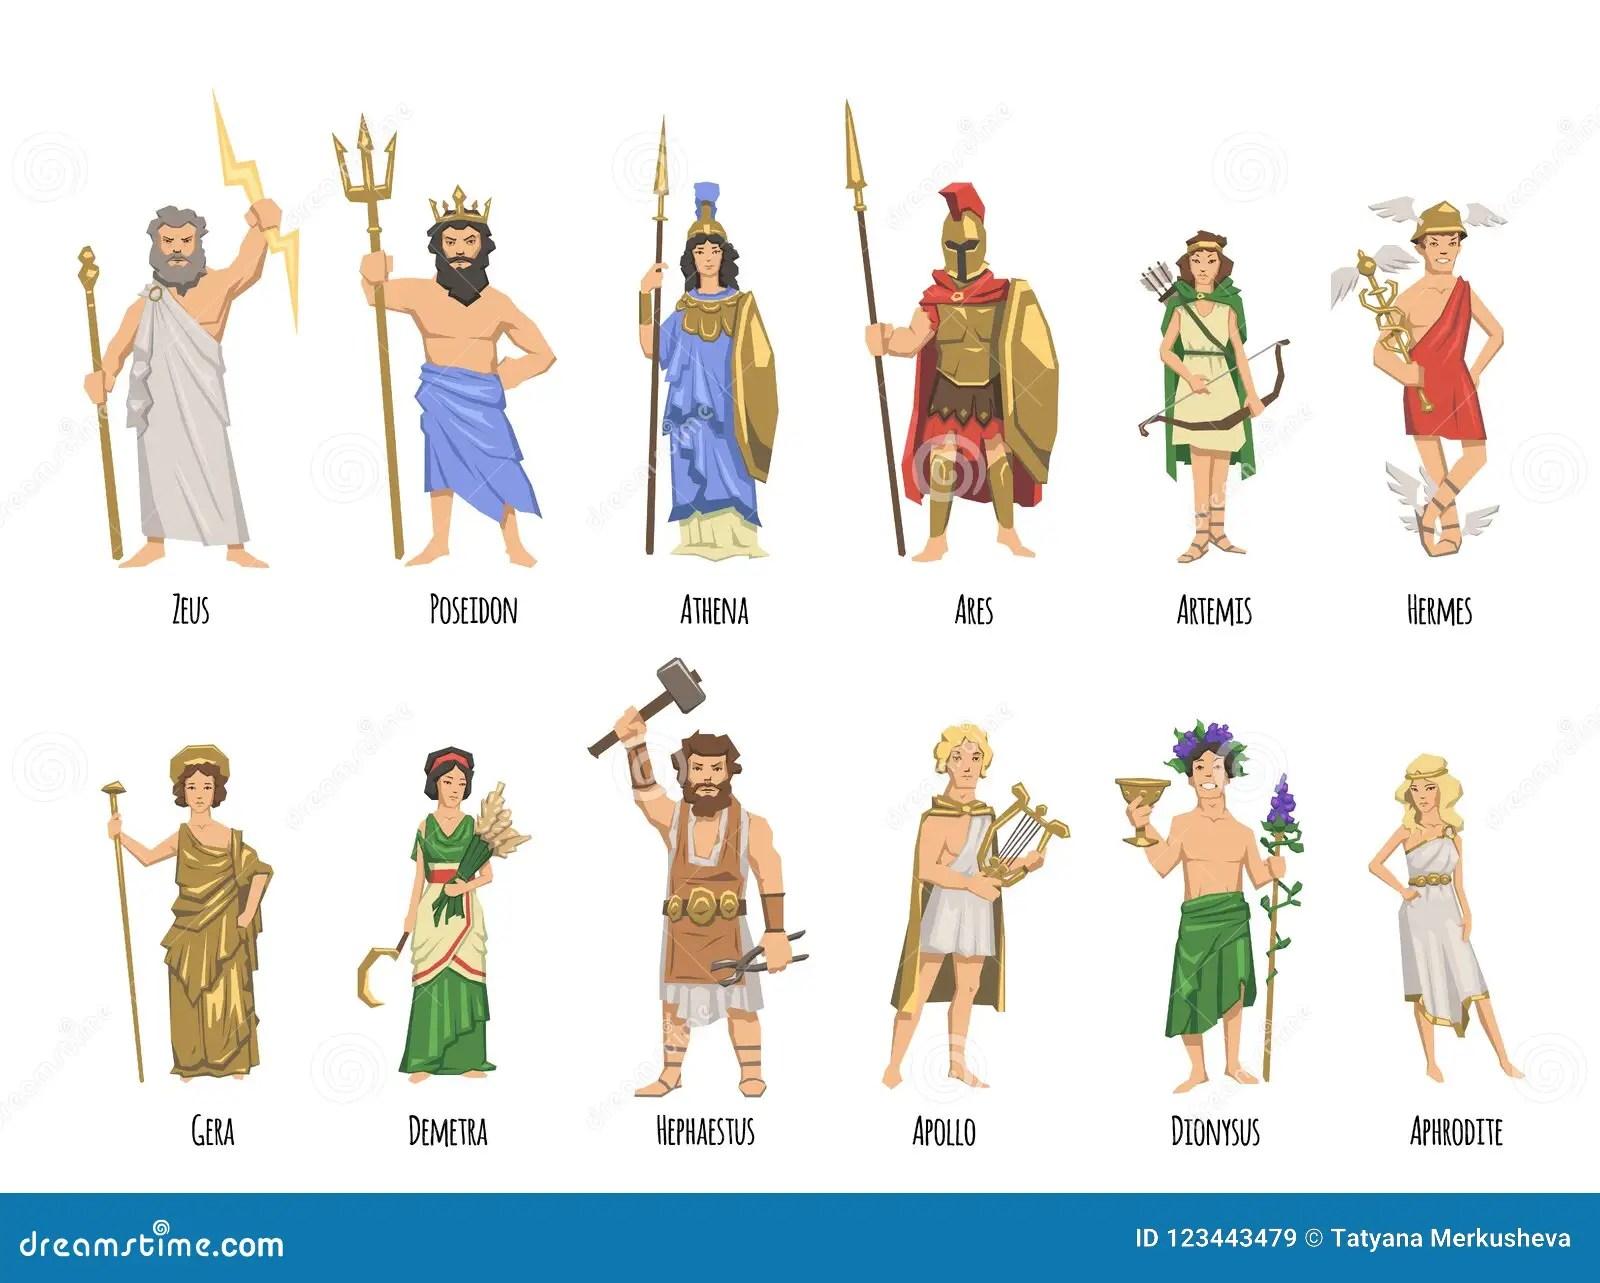 Pantheon Of Ancient Greek Gods Mythology Set Of